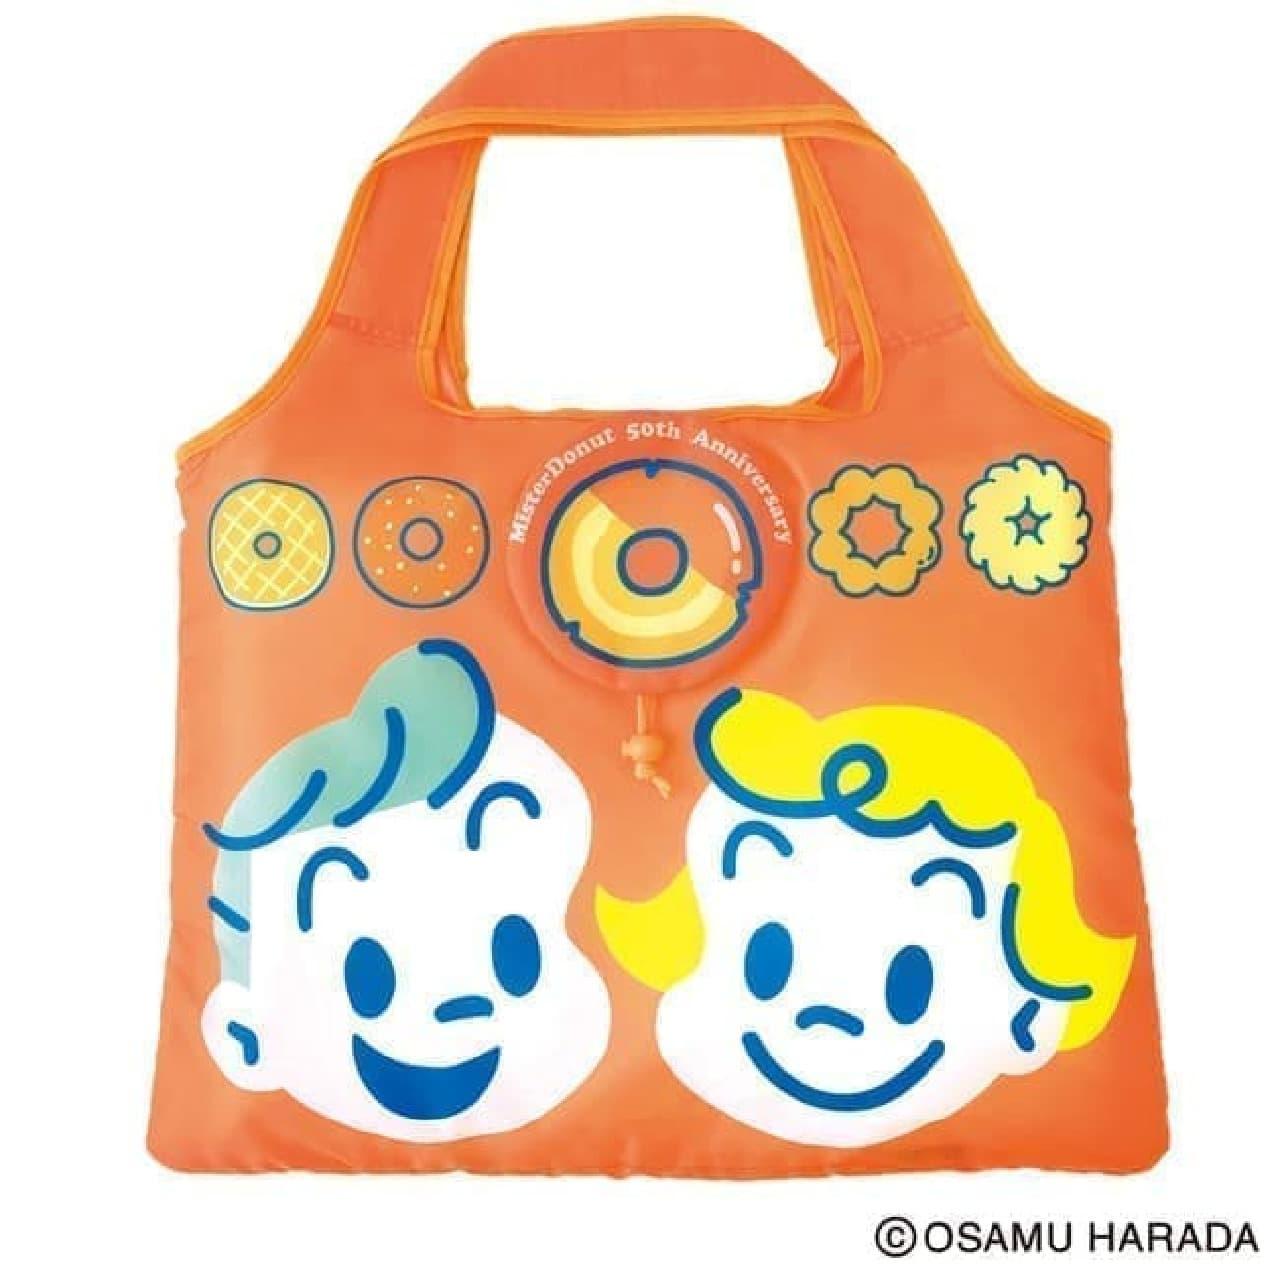 公式ガイドブック「ミスタードーナツ 50th Anniversary Book」原田治さんのバッグ付き